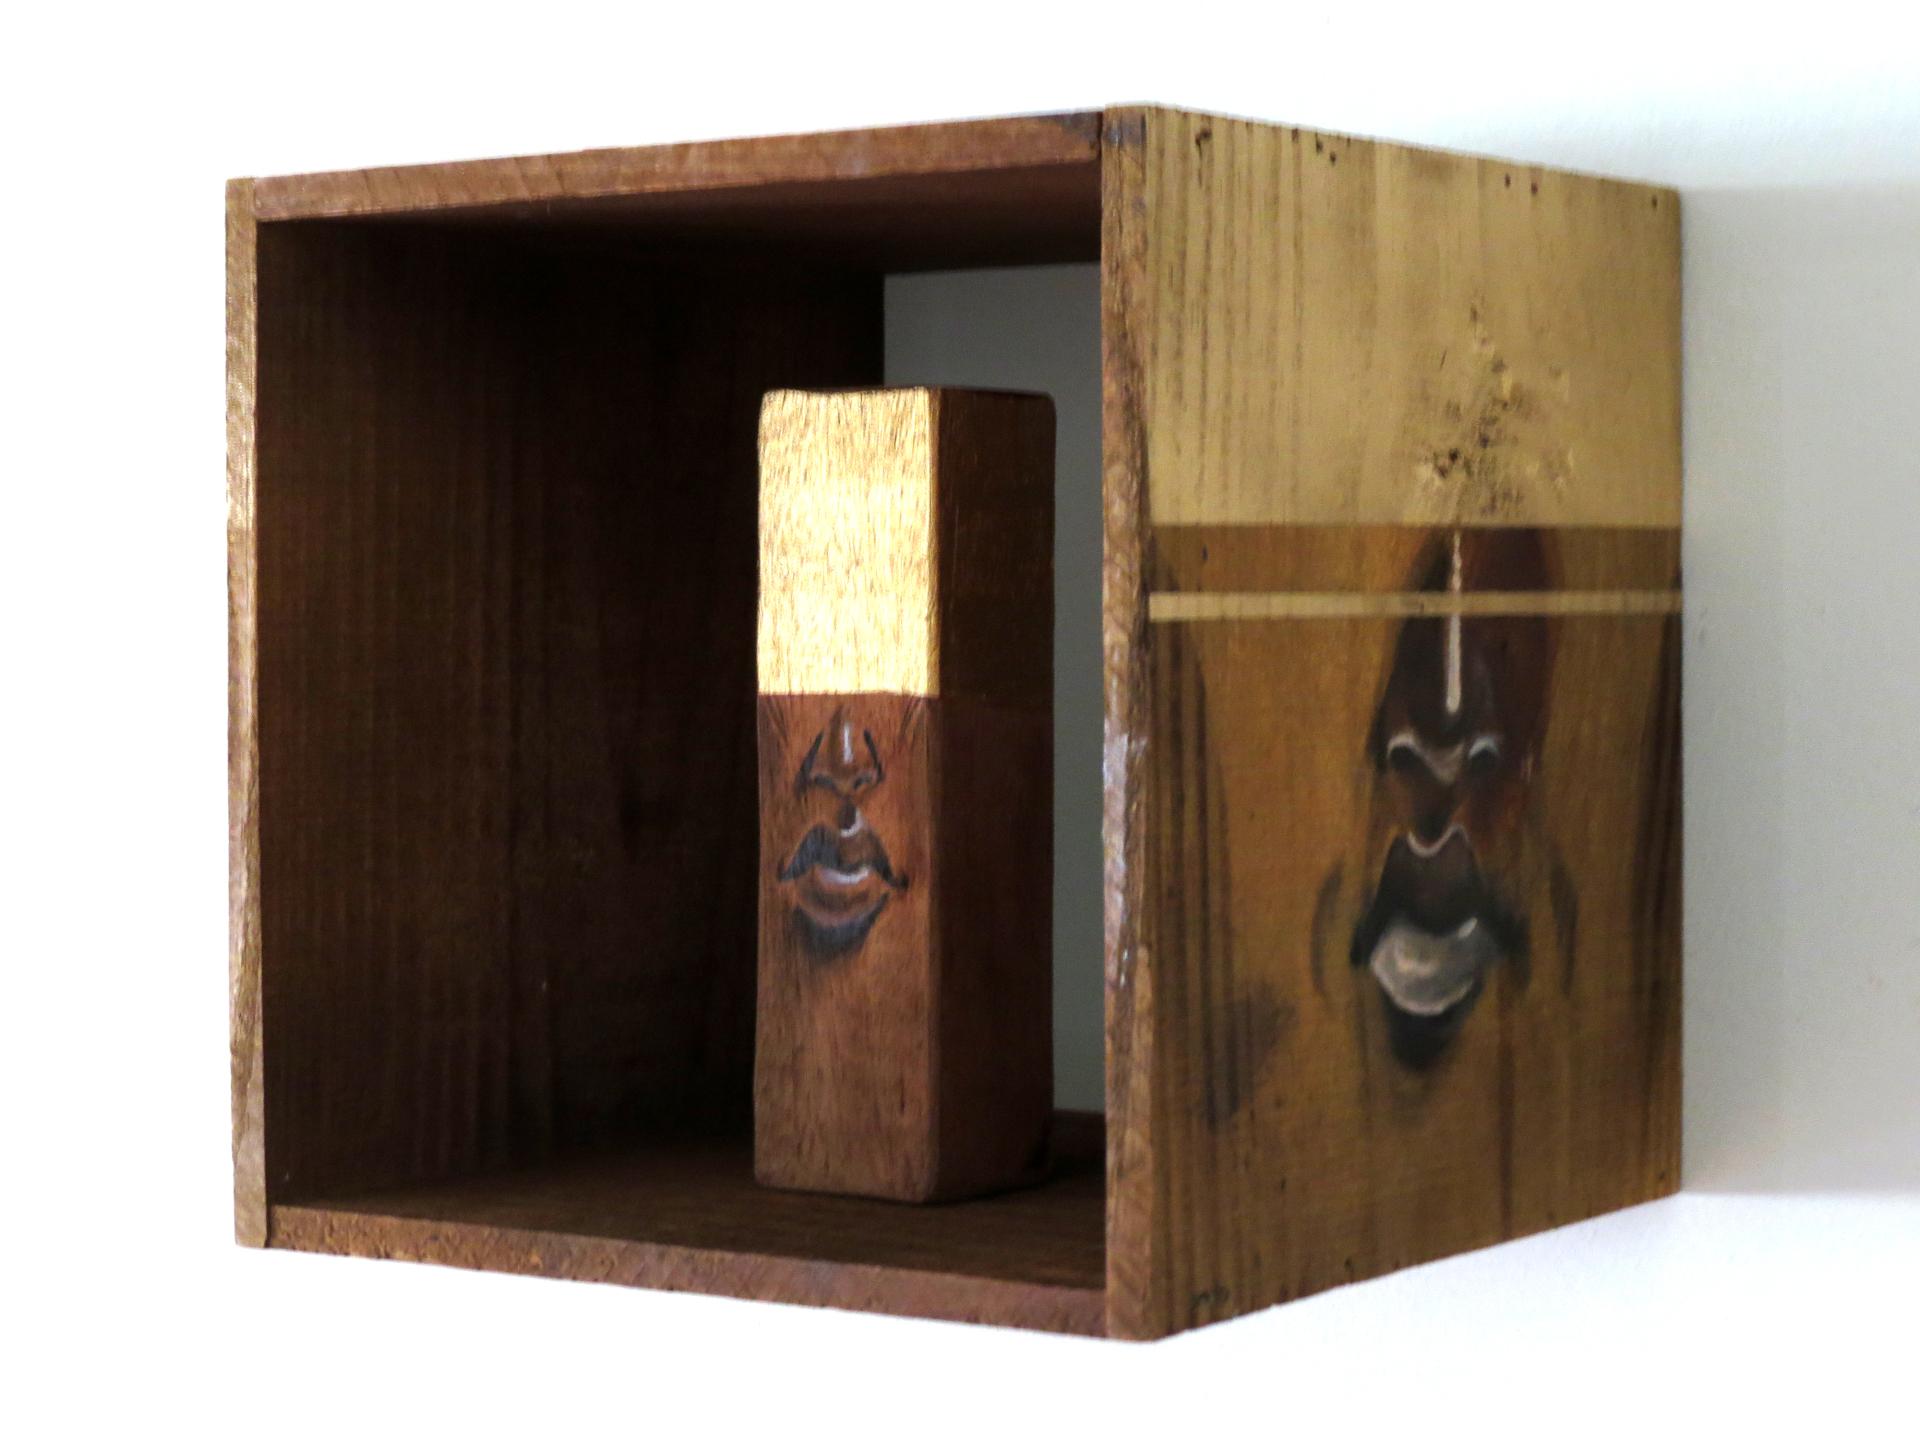 Tamanho: 10x10 cm Técnica: Acrilica e spray sobre madeira - Indisponível